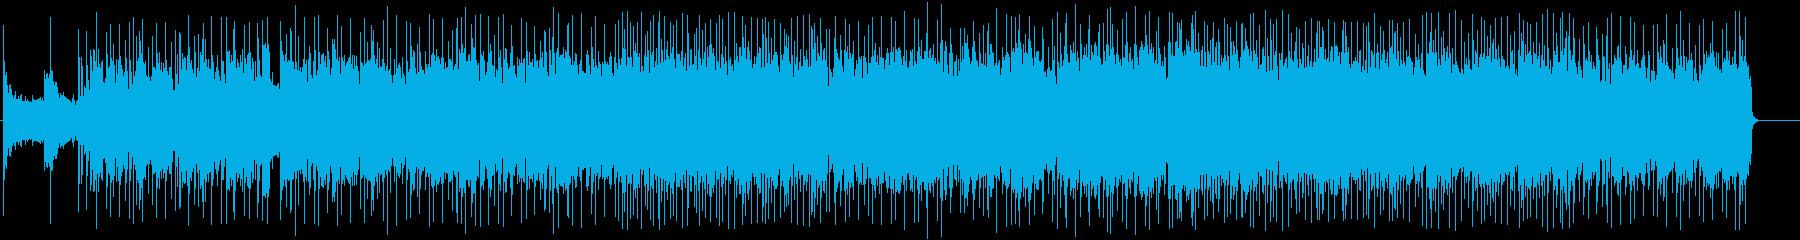 男のタフなアメリカン・ブルース/ロックの再生済みの波形